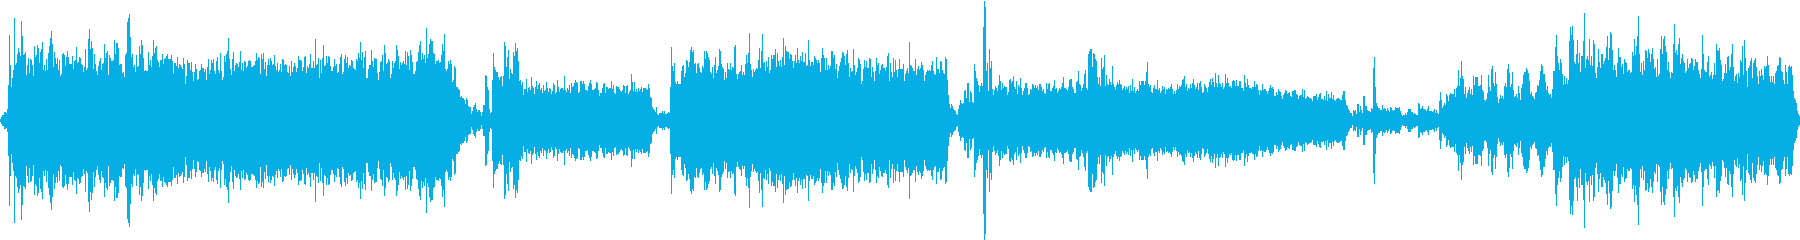 ボートモーターハッチモーターの再生済みの波形